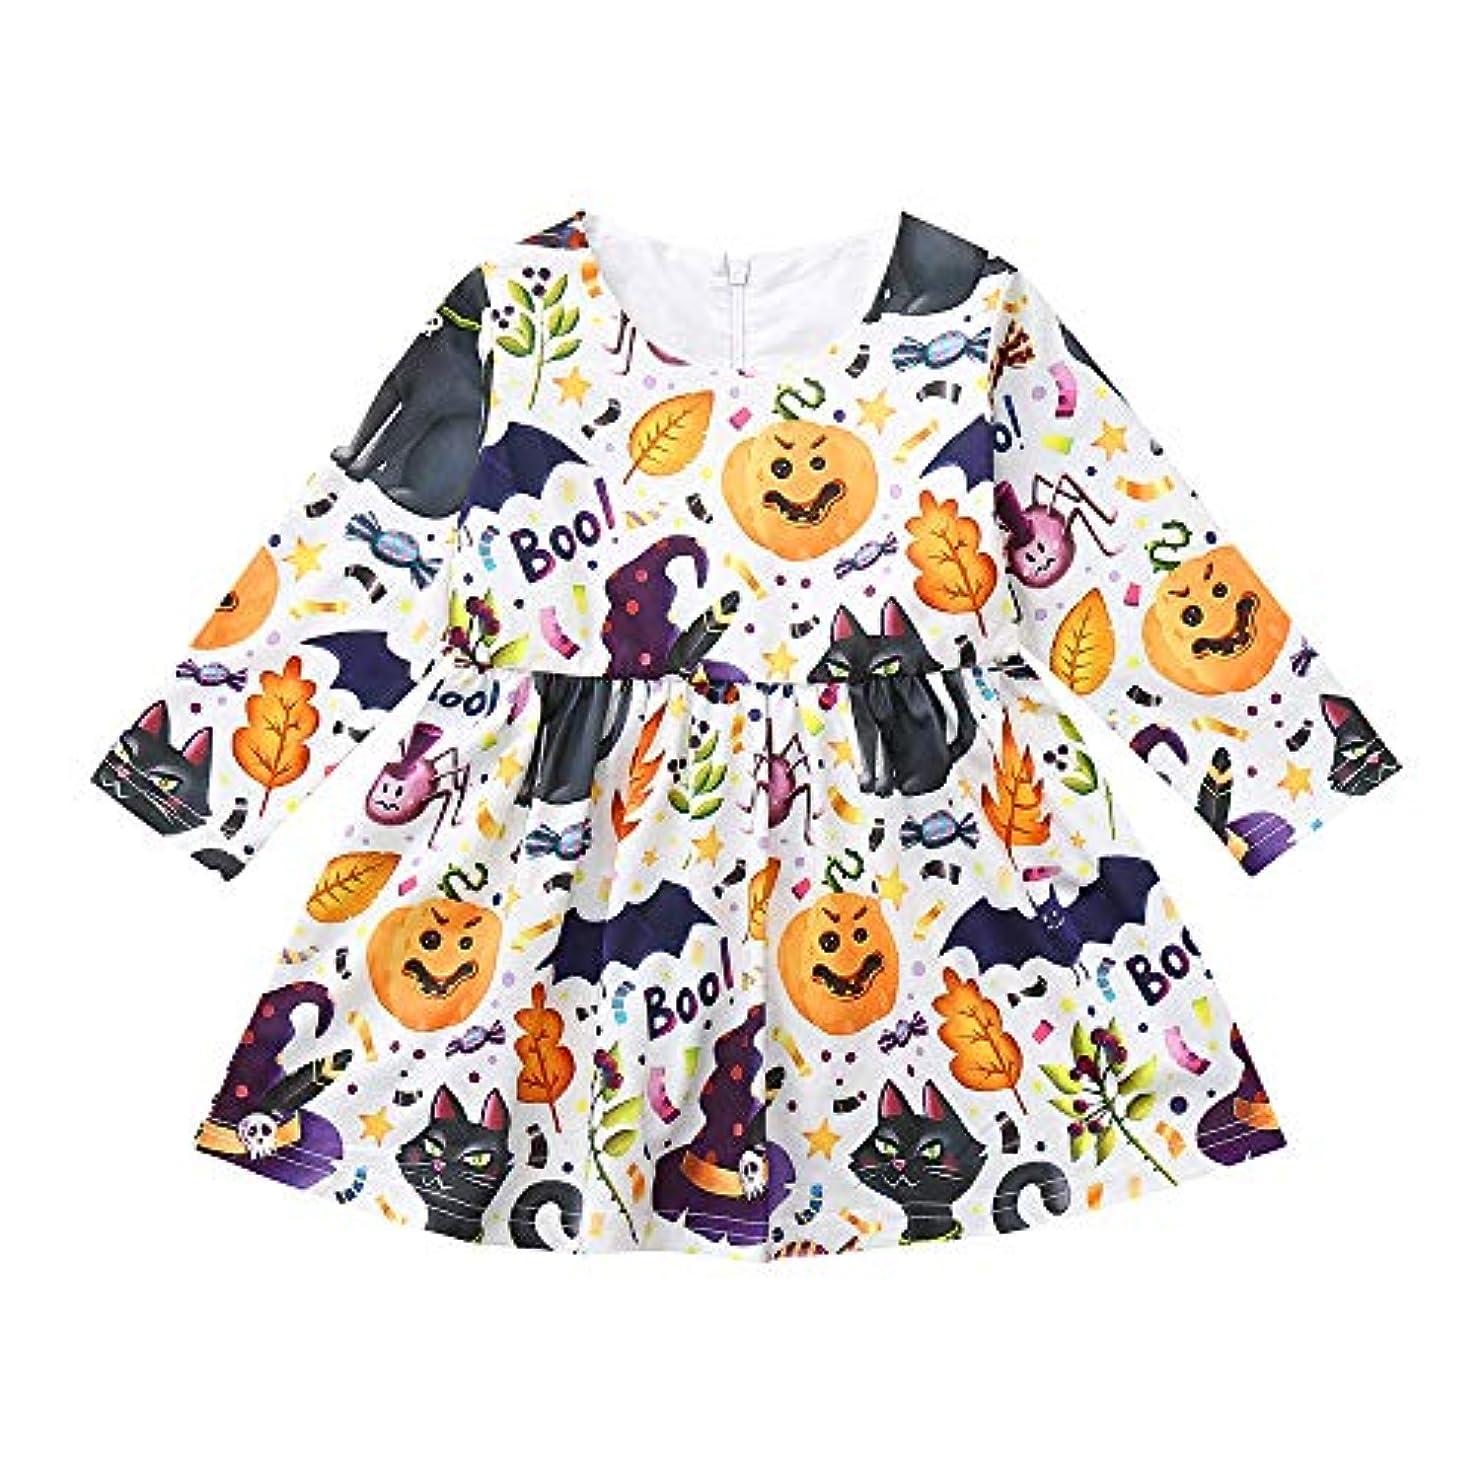 入浴処方する剥ぎ取る(プタス) Putars 幼児の女の子の漫画のプリント動物のパーティーのドレスハロウィンの衣装の衣装 12ヶ月 - 4 歳